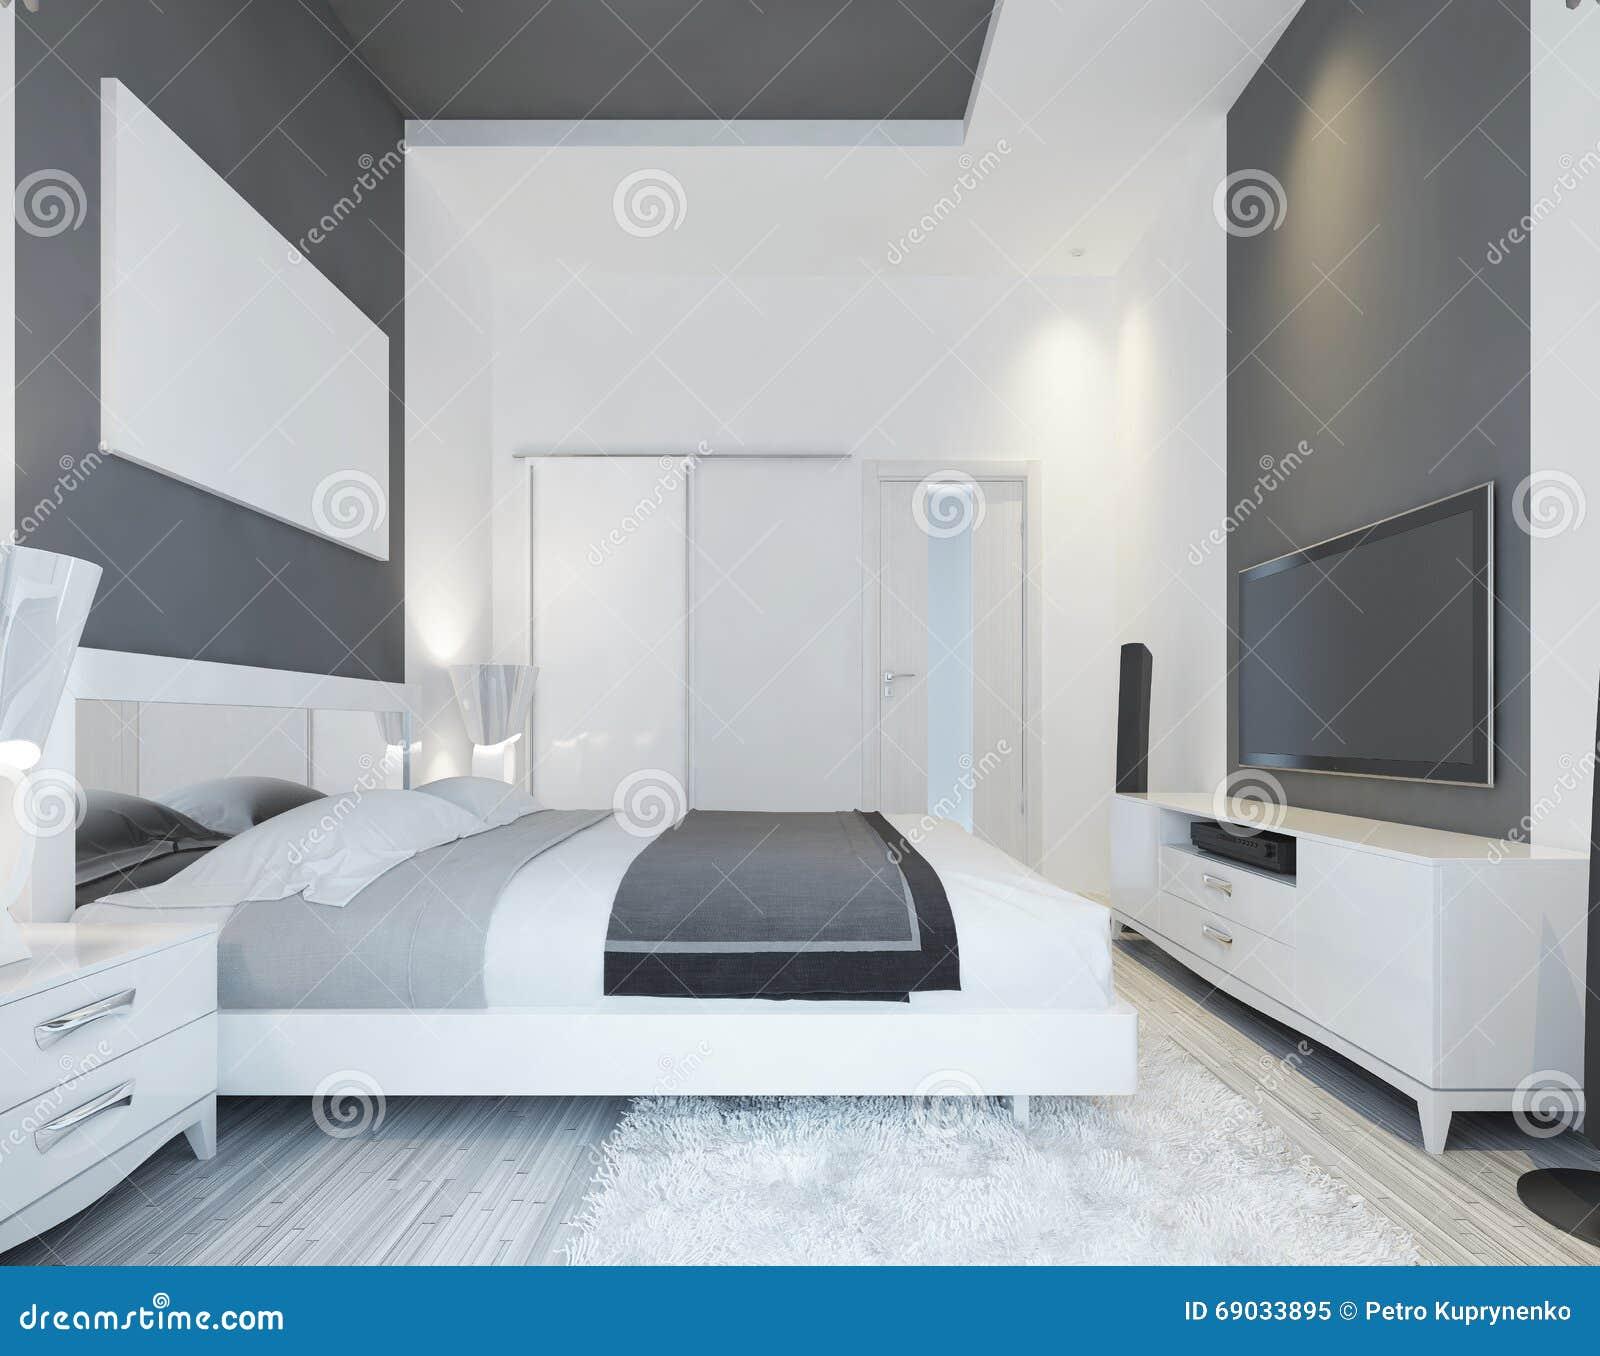 Luxusschlafzimmer mit einem bett in einer modernen art stock ...